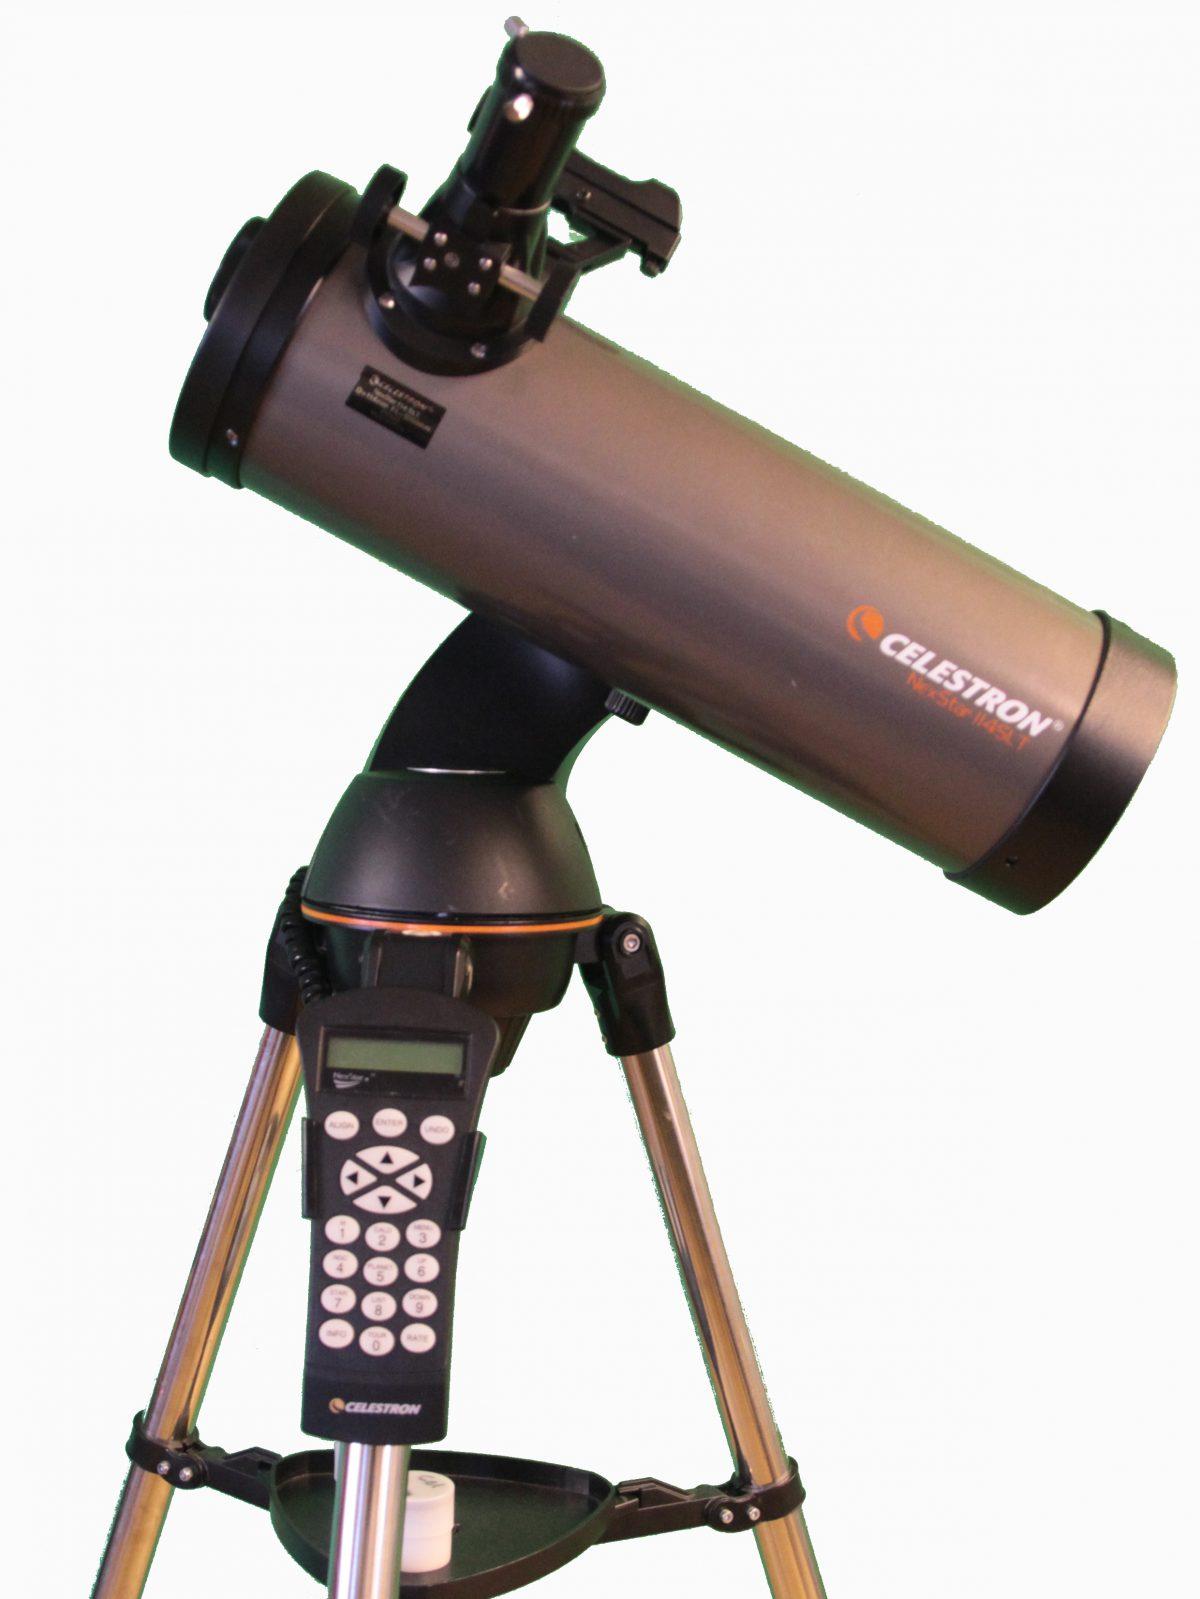 Teleskopparade Teil 4